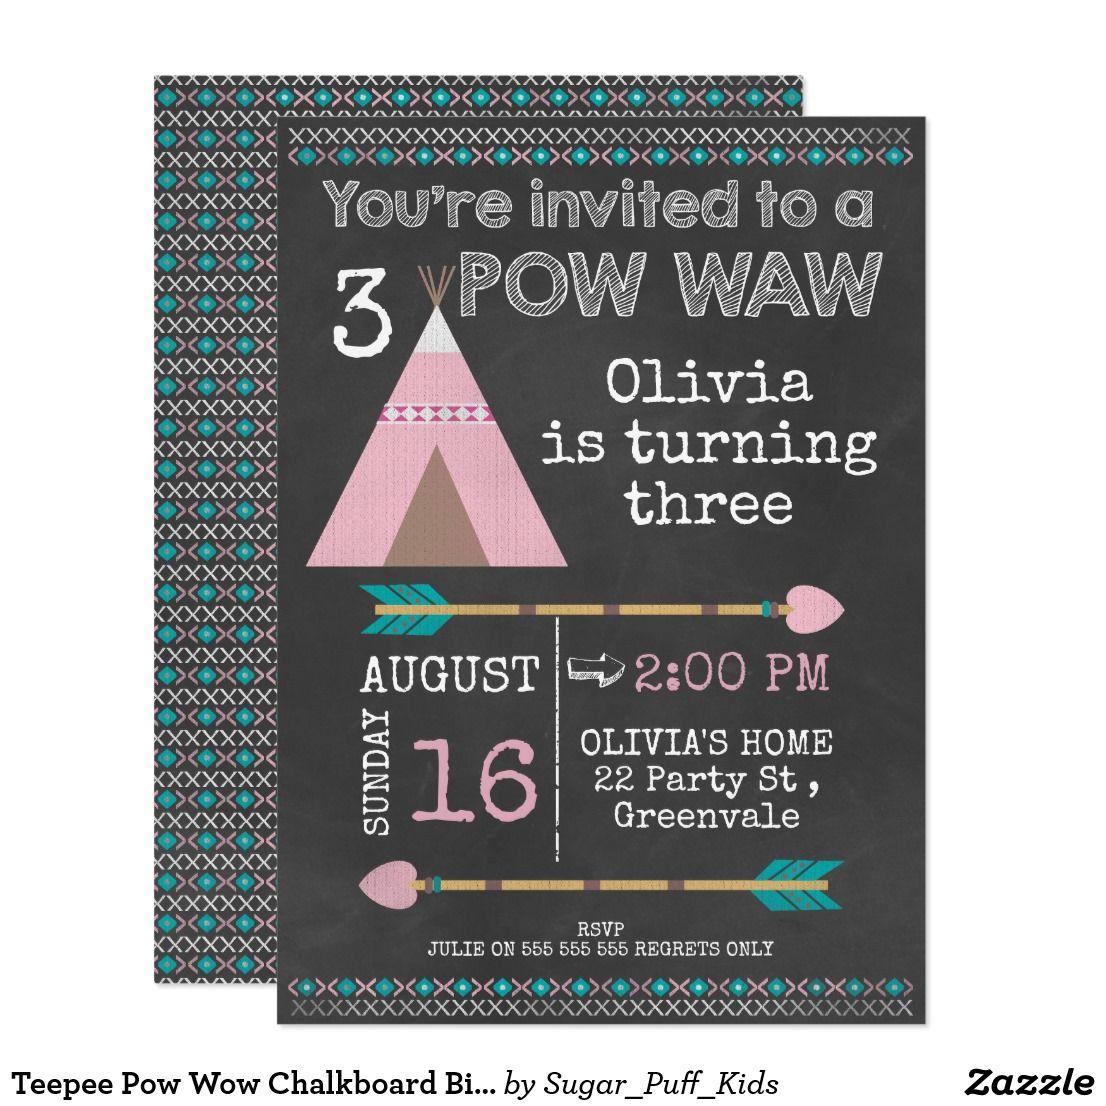 Teepee Pow Wow Chalkboard Birthday invitation | Chalkboard ...